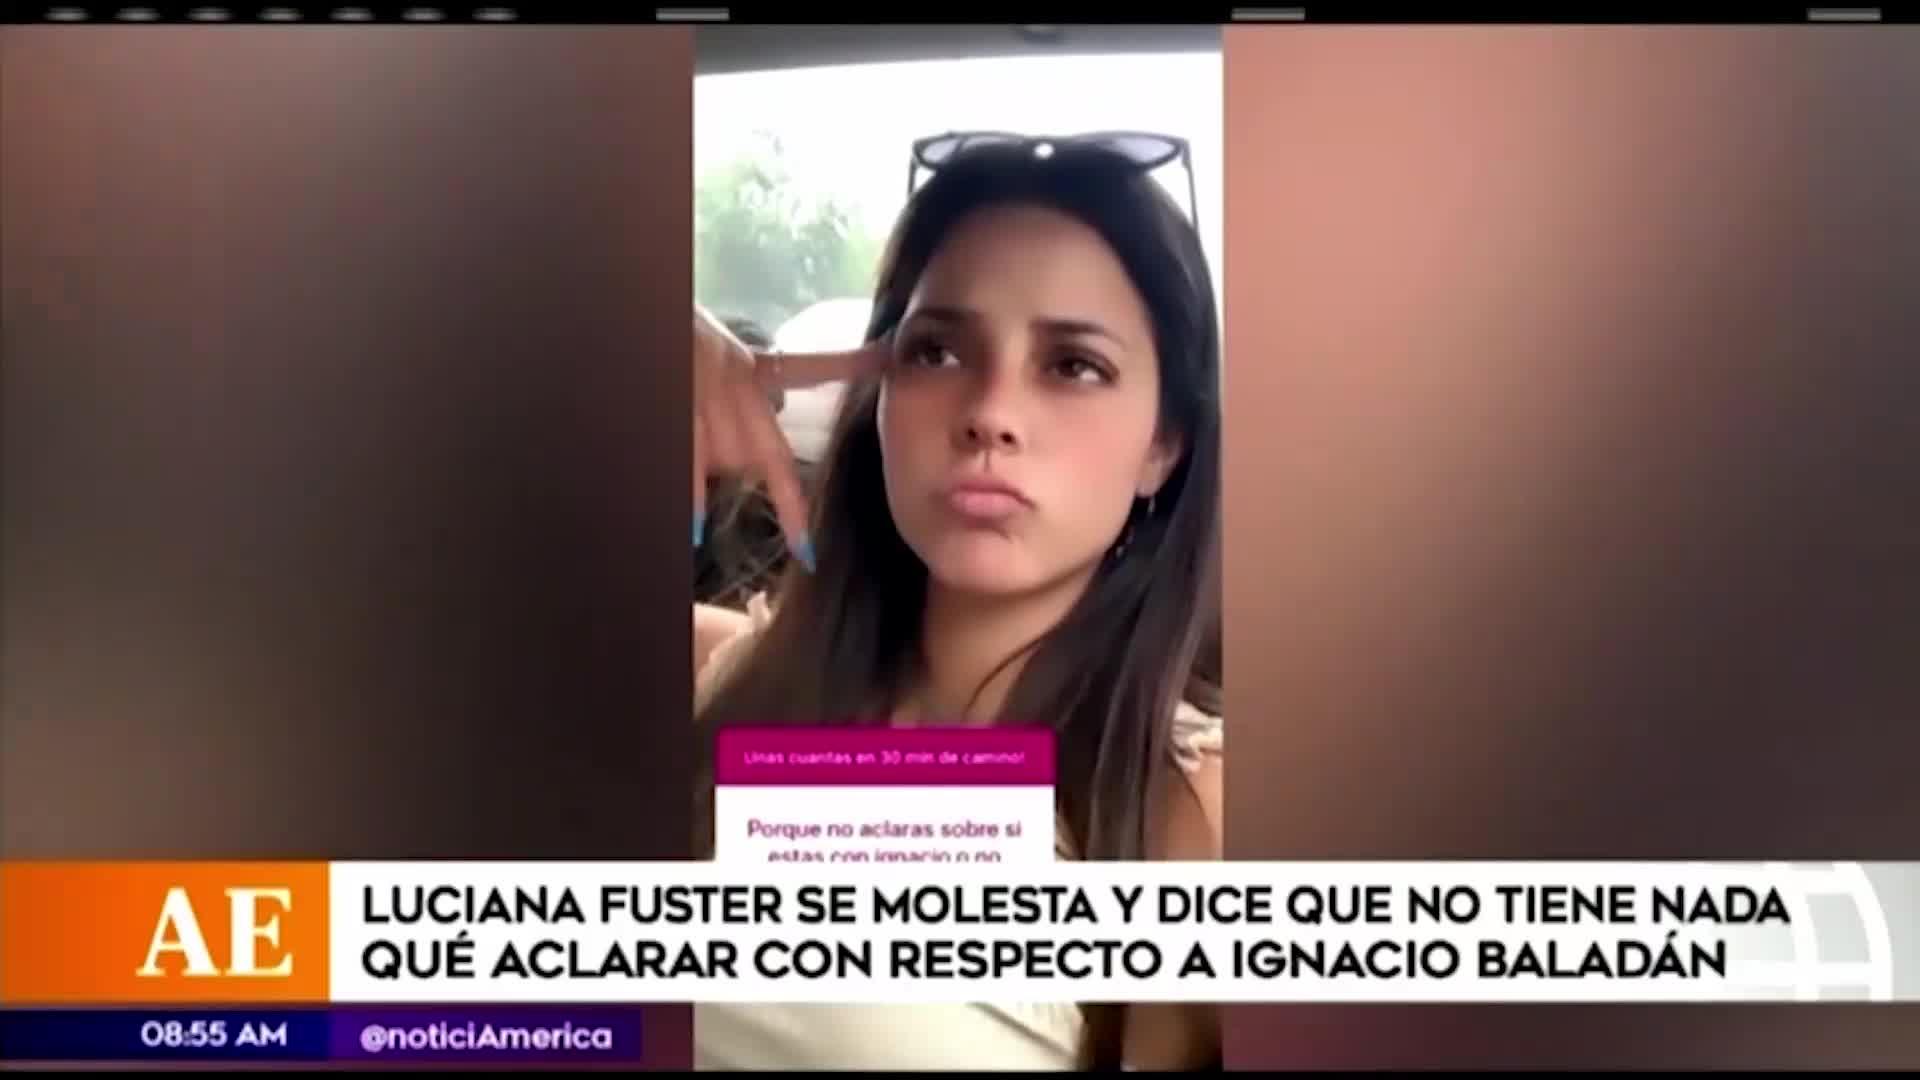 Luciana Fuster responde así cuando le preguntan sobre su relación con Ignacio Baladan